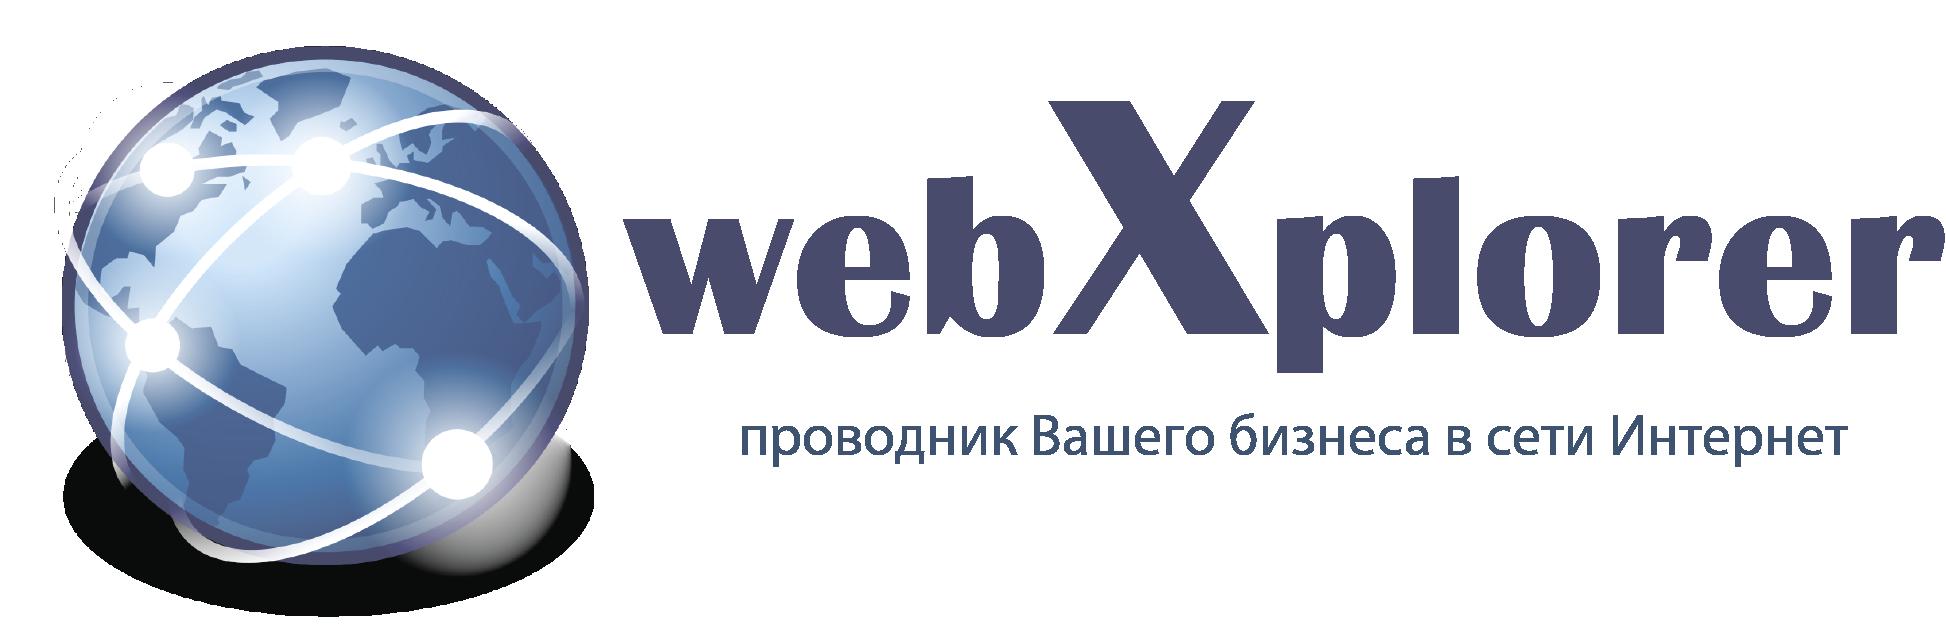 WebXplorer Продвижение Вашего бизнеса в сети Интернет